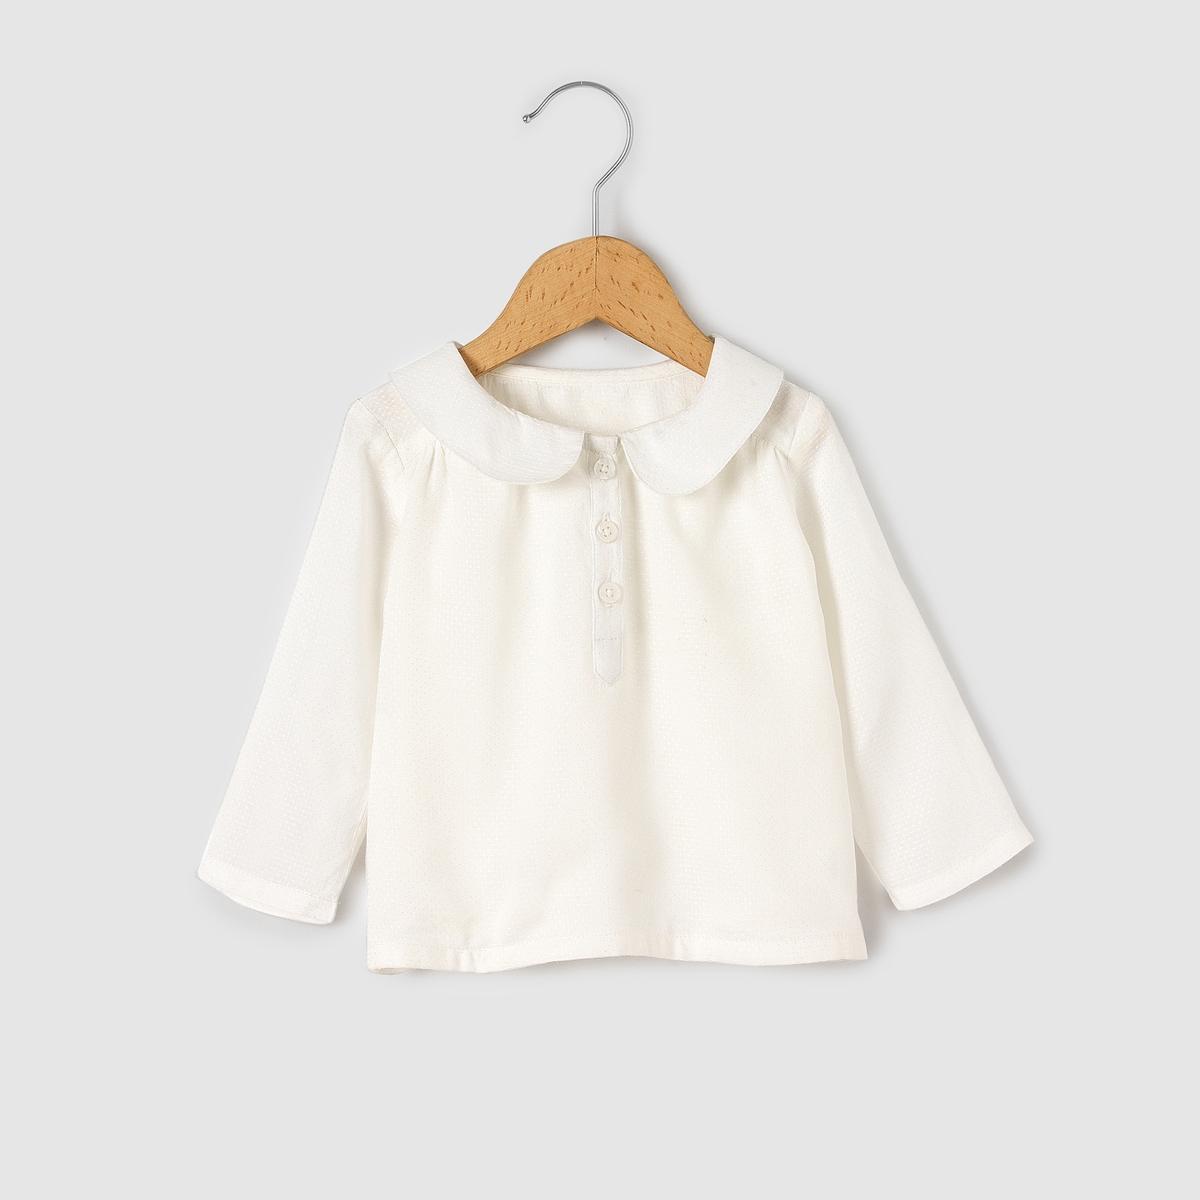 Блузка с отложным воротником, на 1 мес.-3 лет